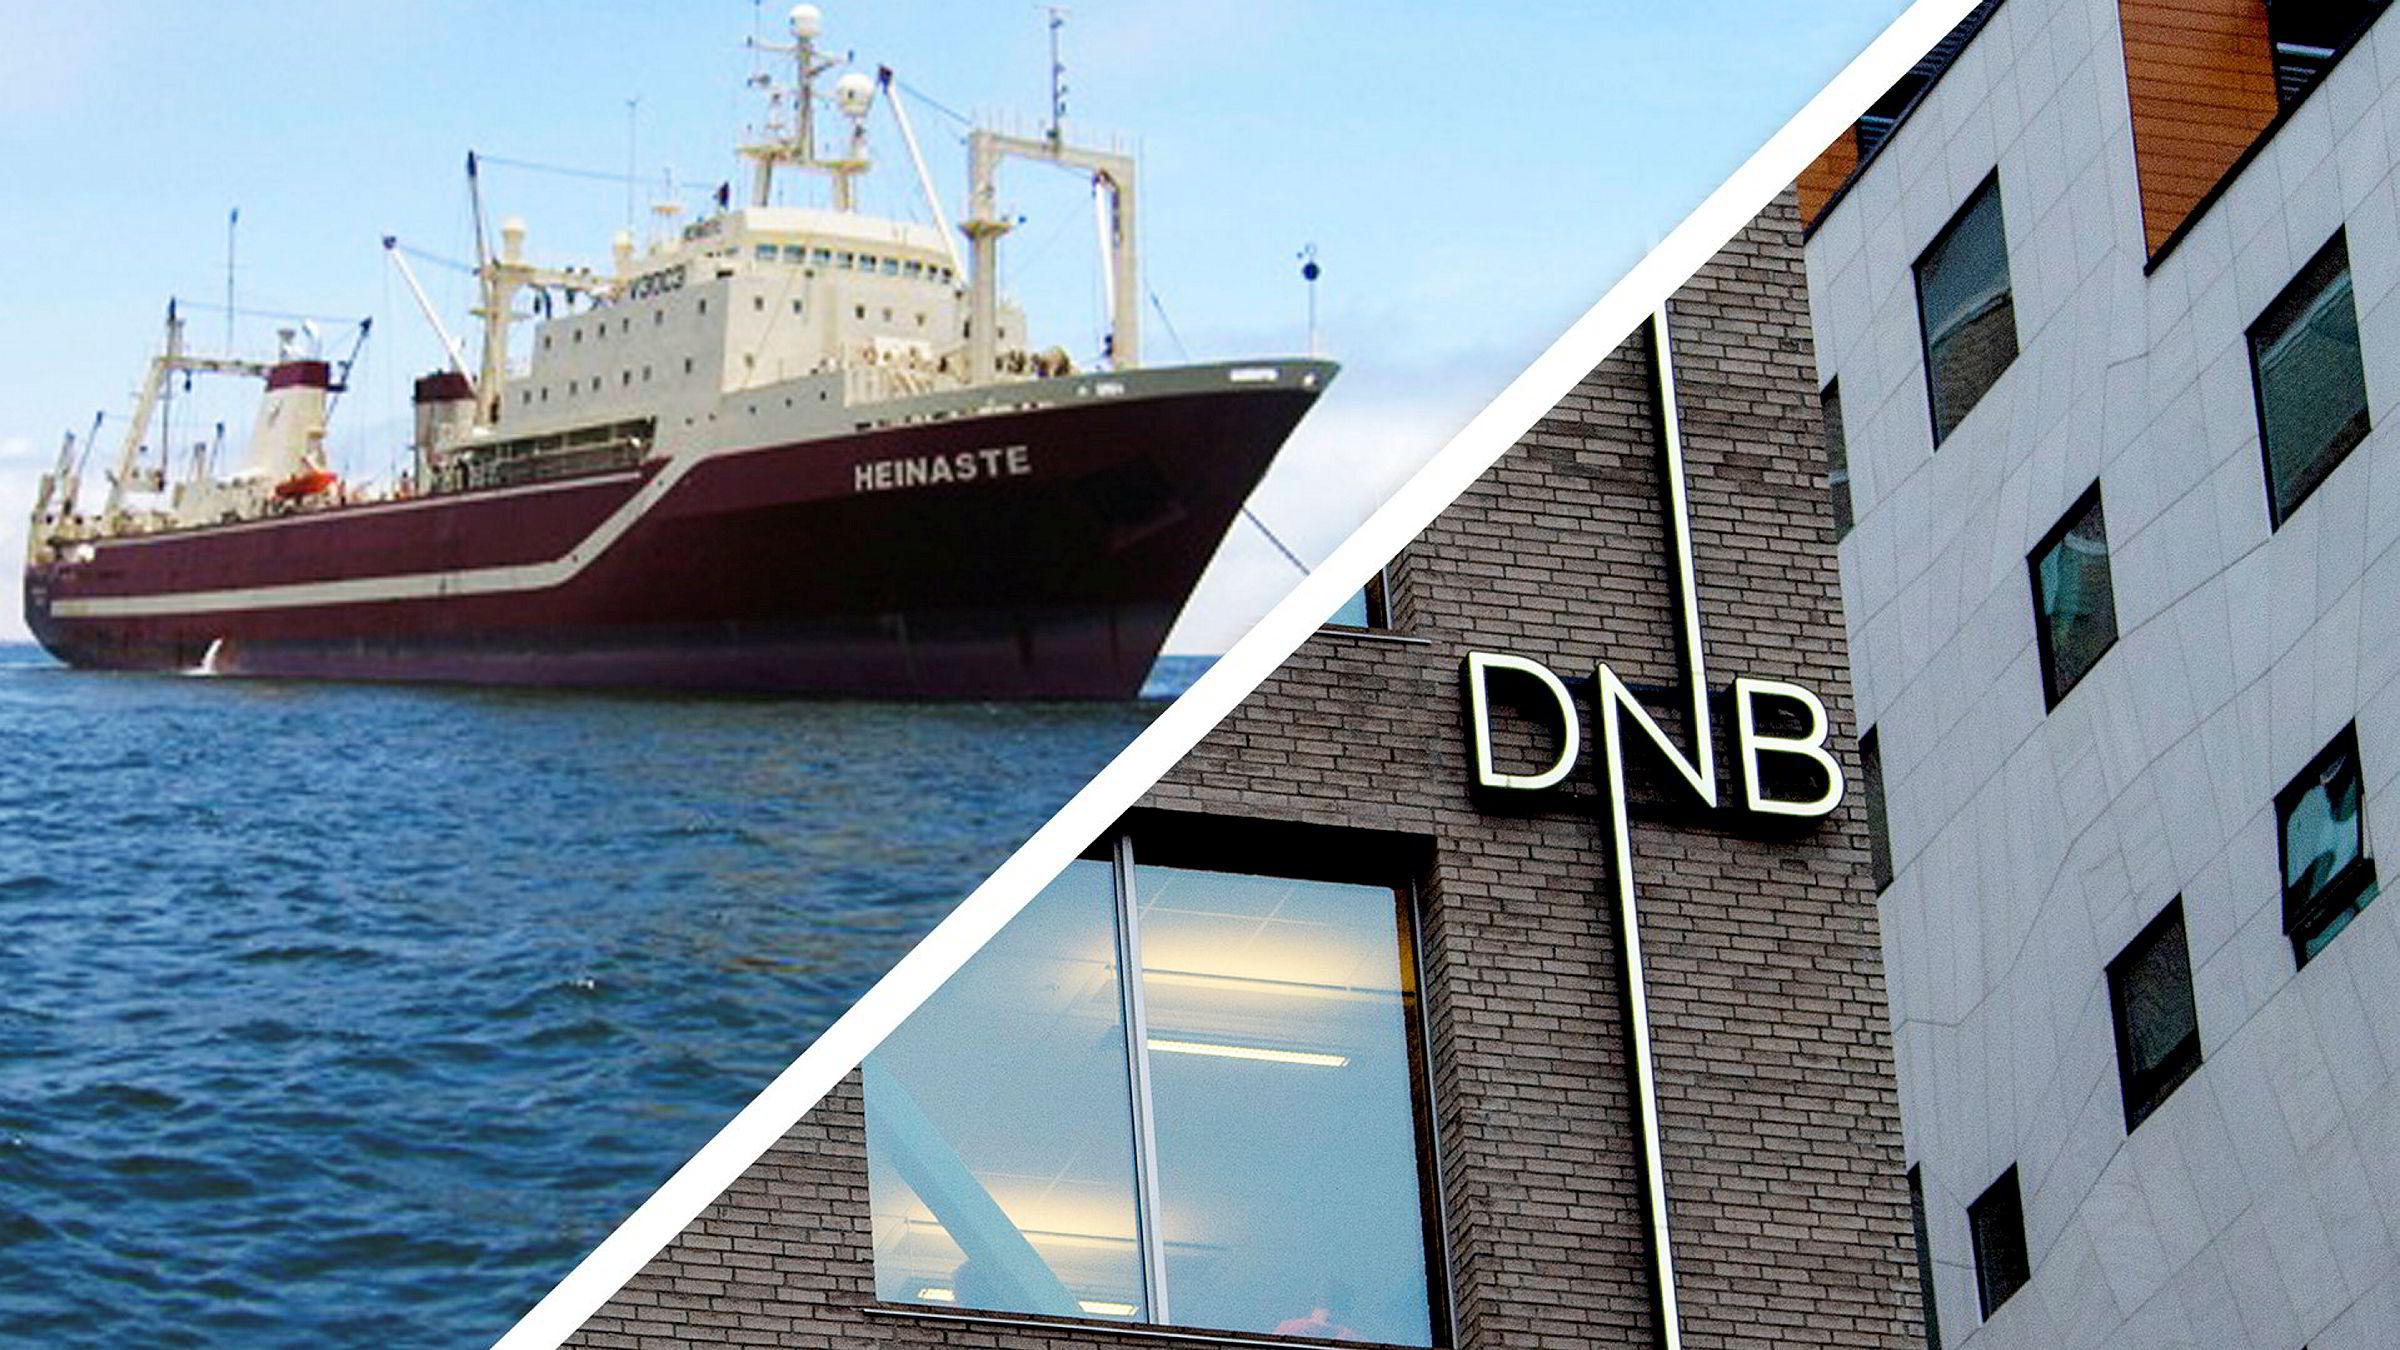 DNB er innblandet i en mulig sak med det islandske fiskeselskapet Samherji om korrupsjon og hvitvasking. Det kan være snakk om inntil 640 millioner kroner i penger sluset via DNB-kontoer.